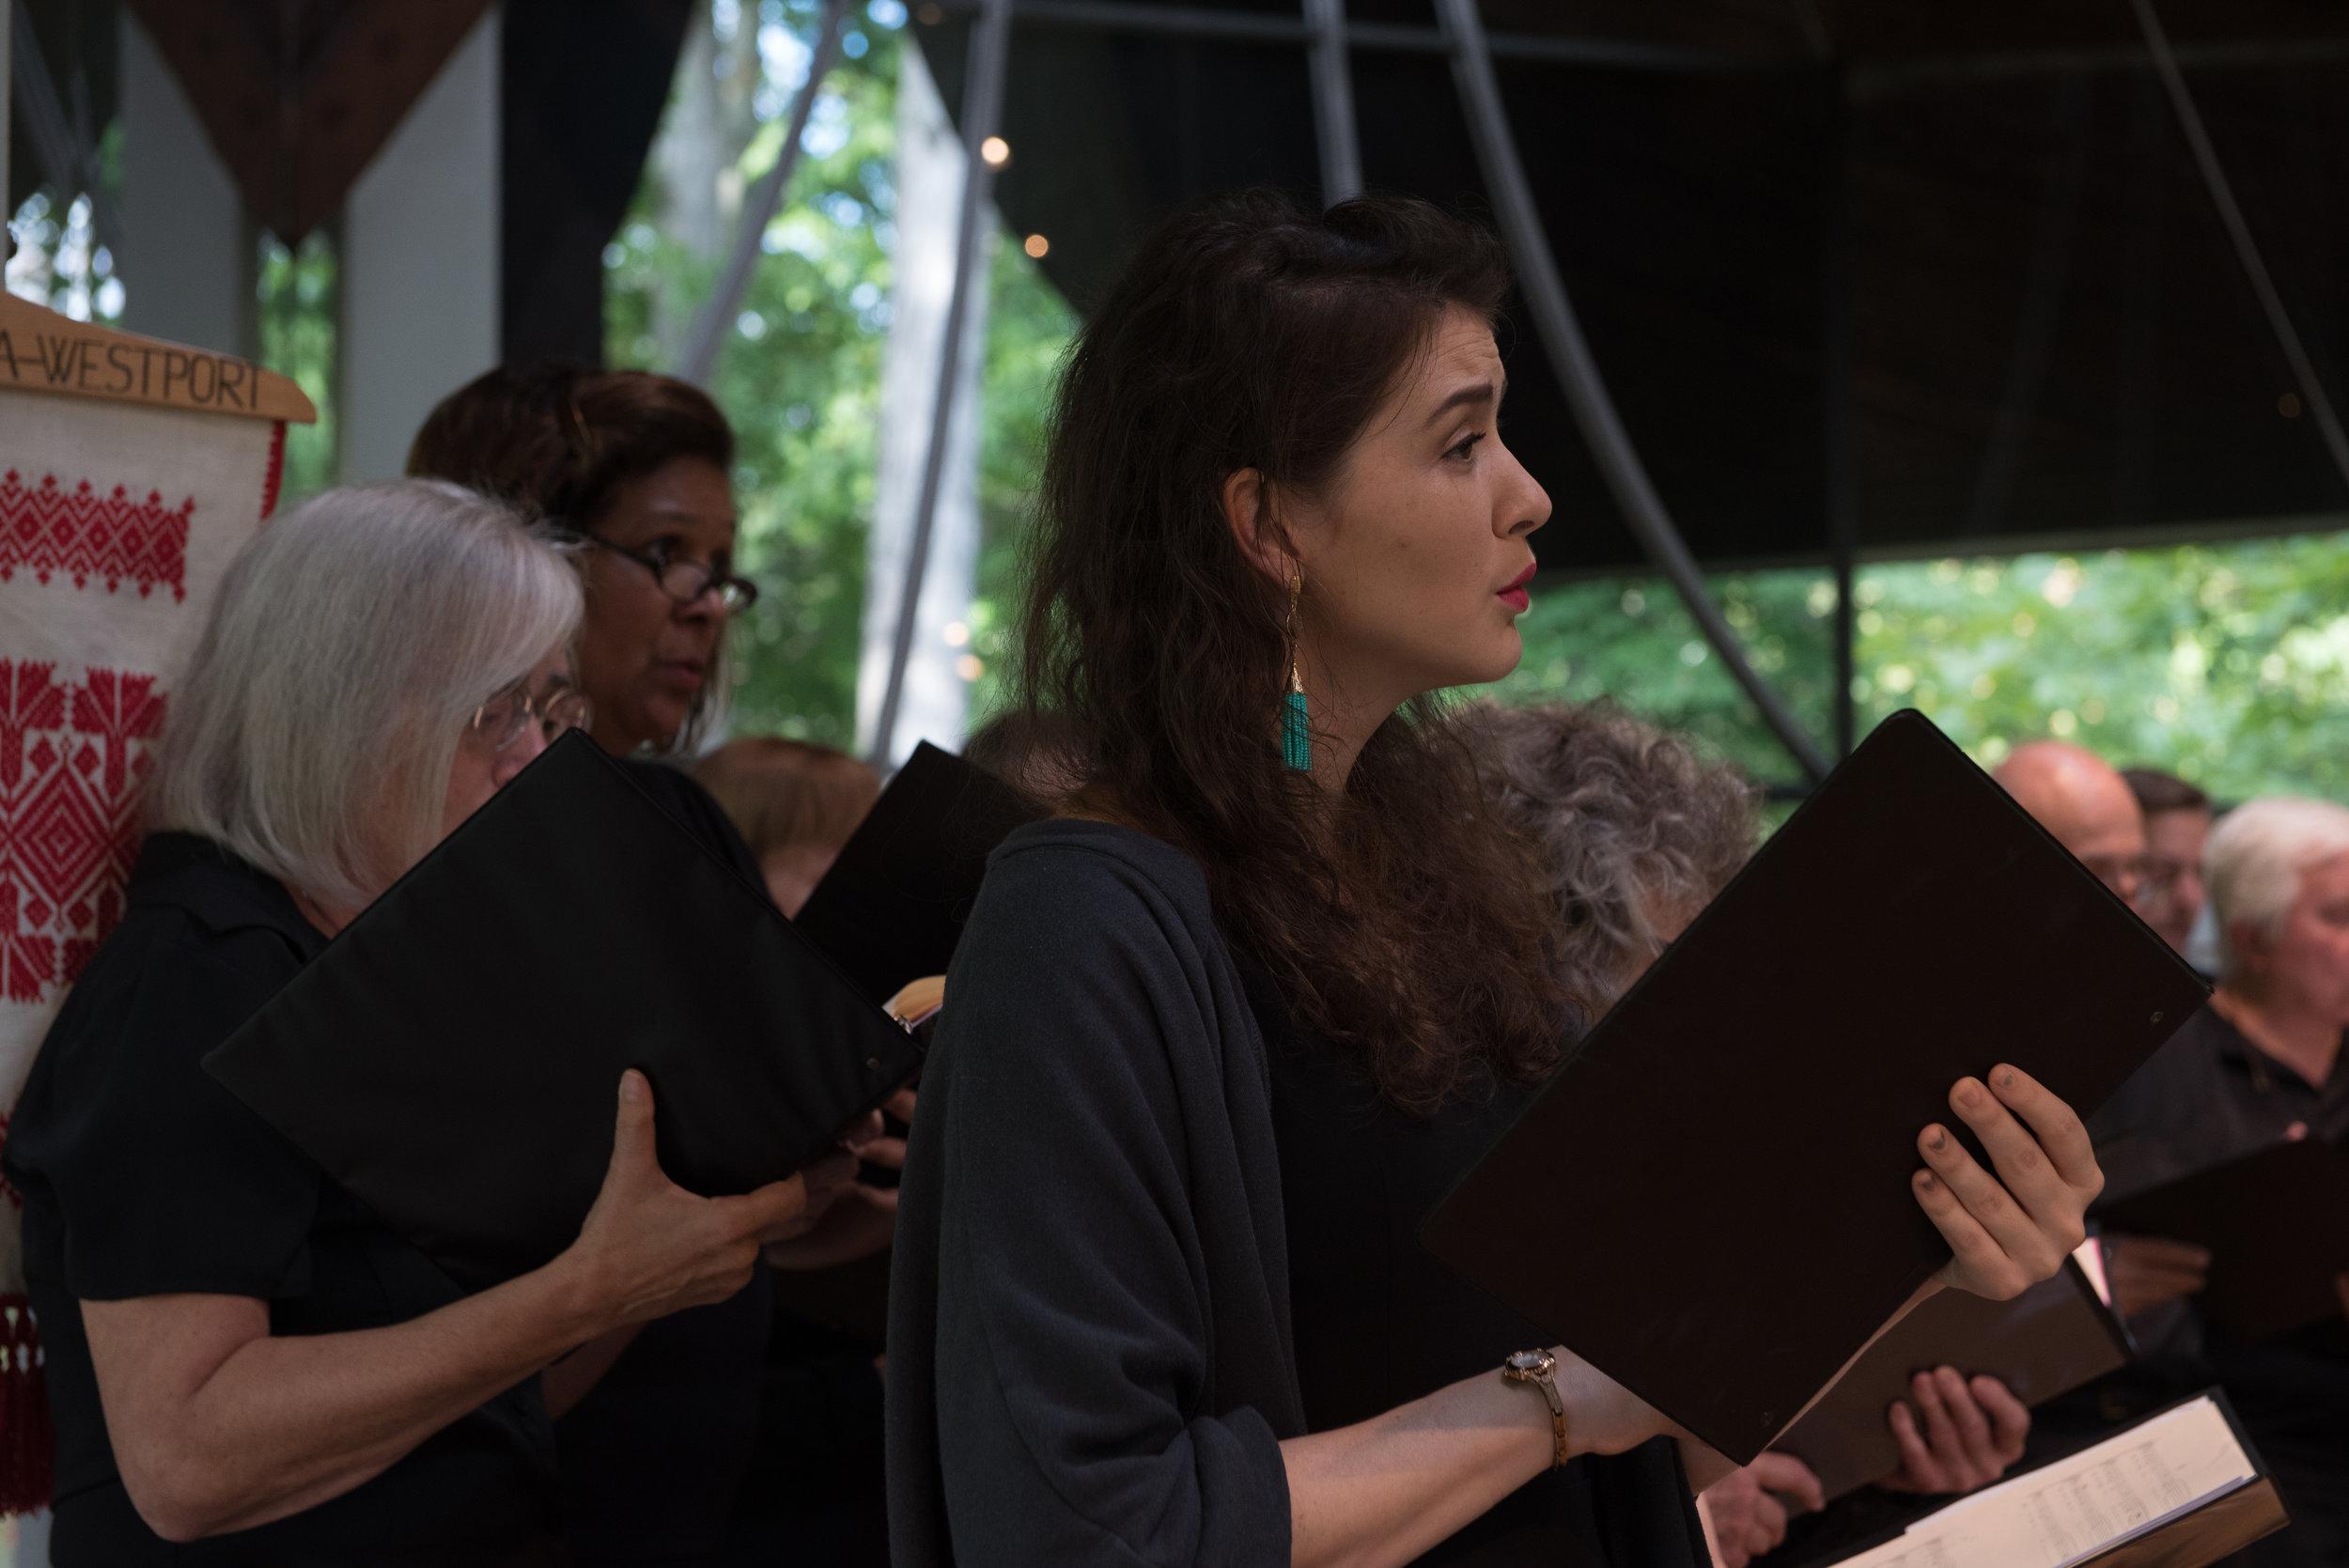 marie-marquis_soprano-soloist_37546823200_o.jpg